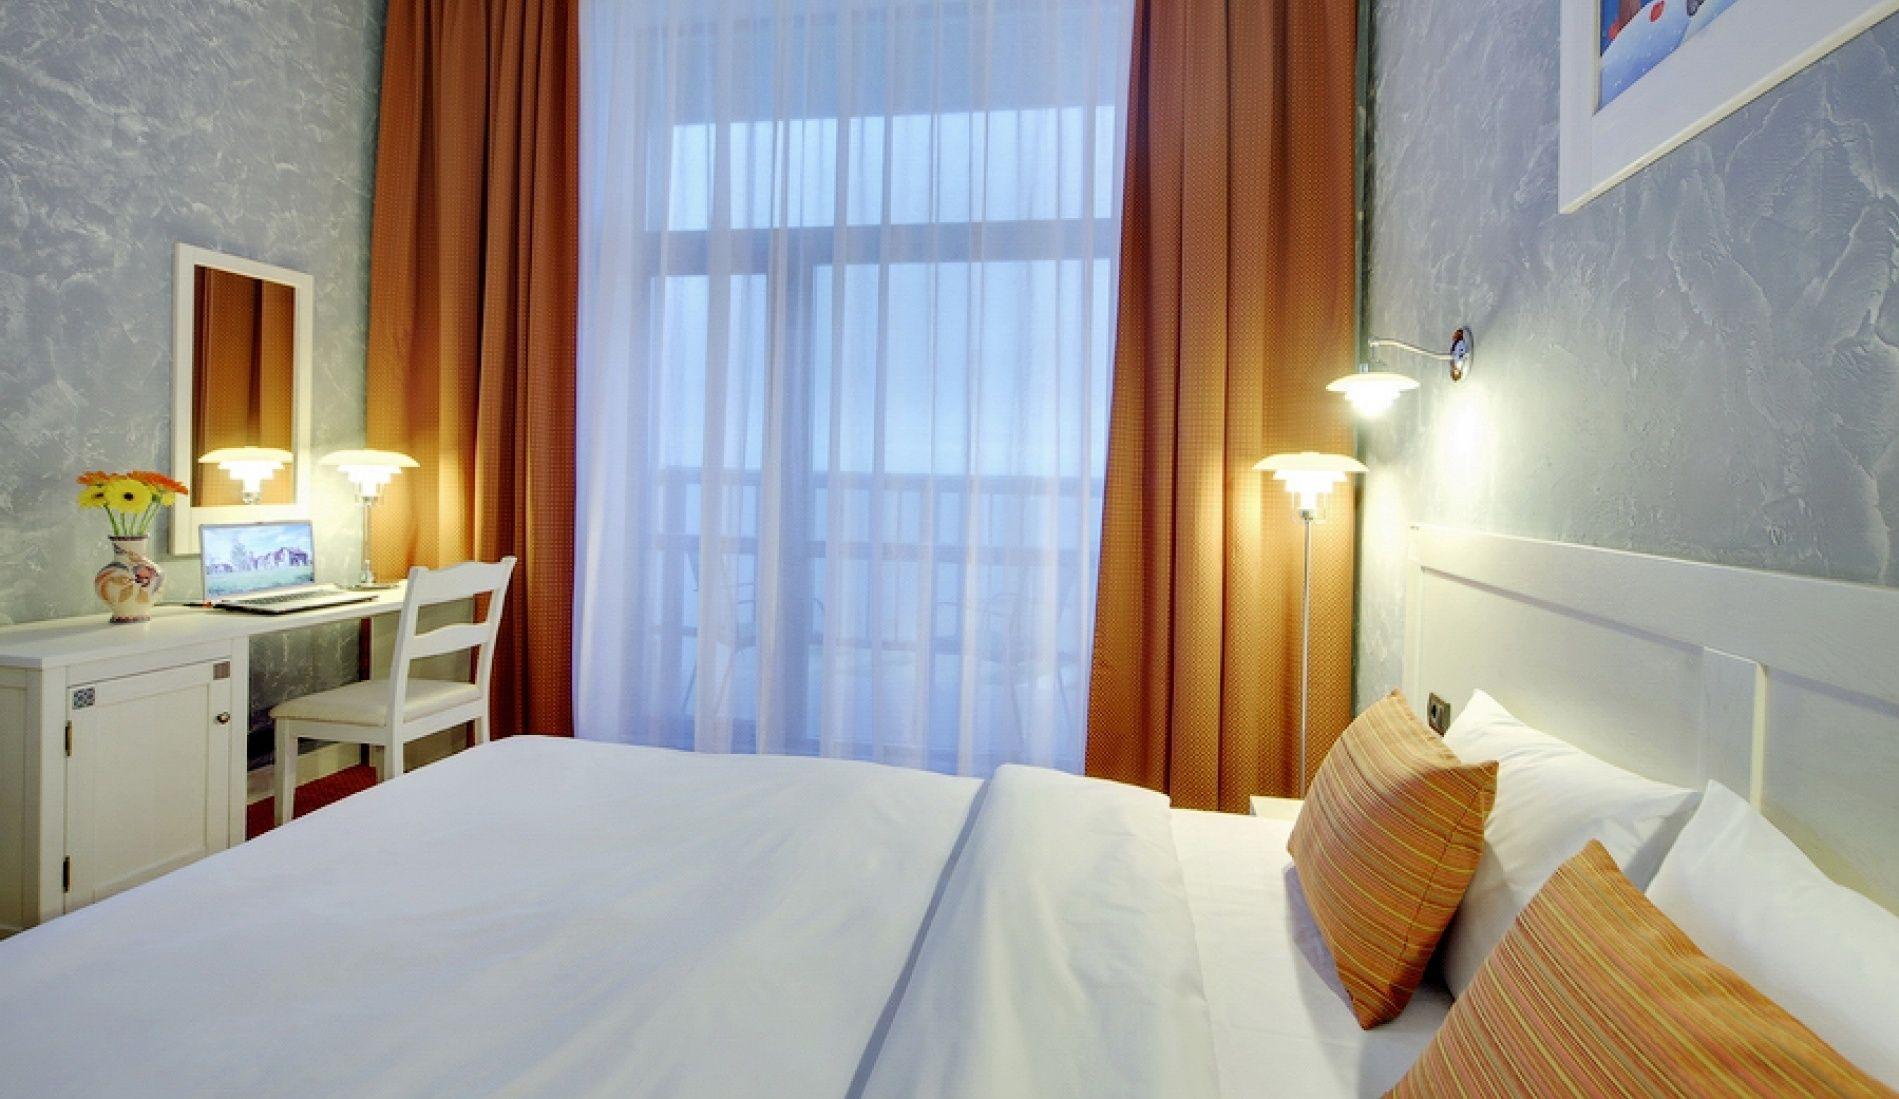 Эвент-отель «Конаково Ривер Клаб» Тверская область Номер «Стандарт +», фото 2